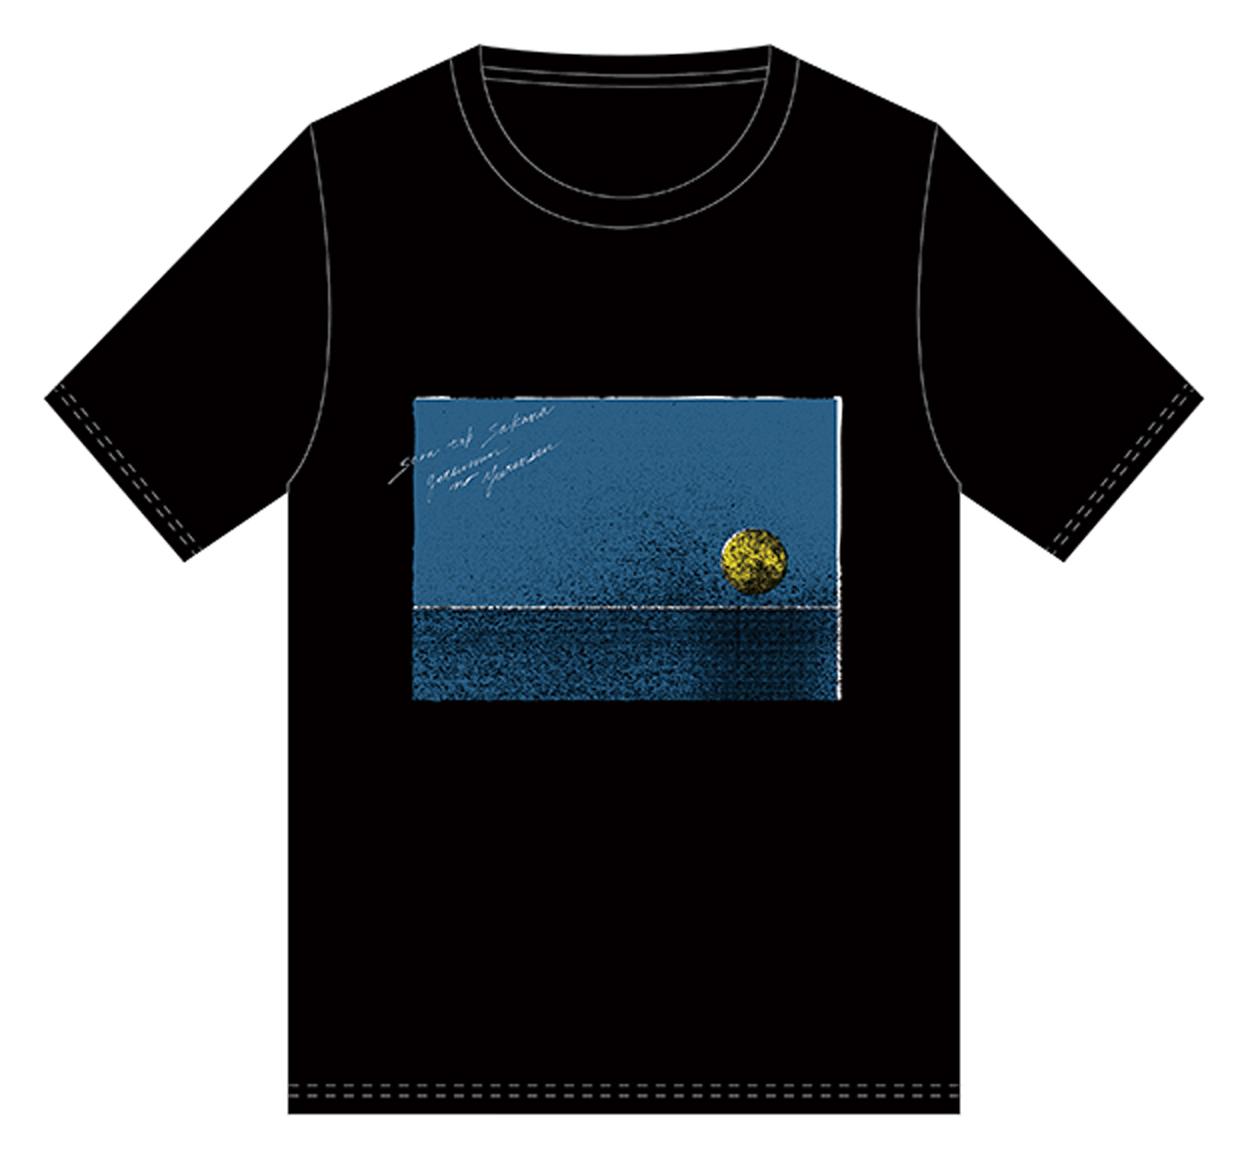 sora tob sakana Goods T-shirt